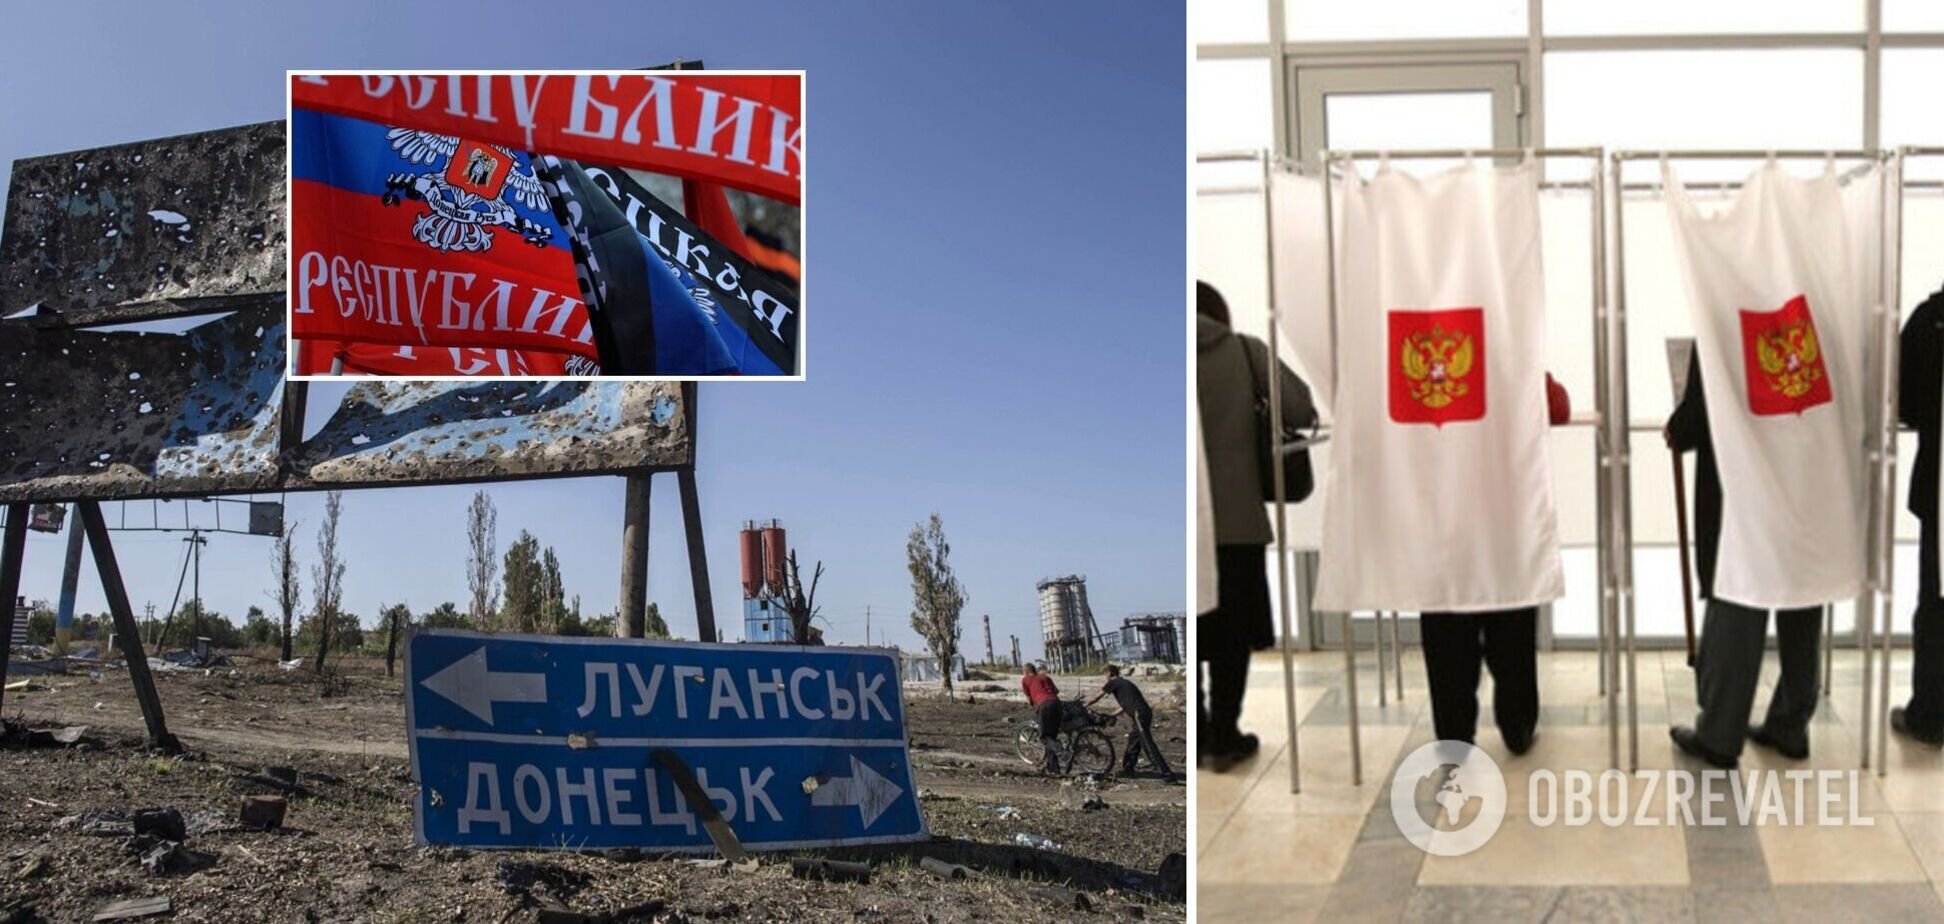 Около 150 тыс. жителей временно оккупированных территорий Донецкой и Луганской областей приняли участие в выборах в Госдуму РФ